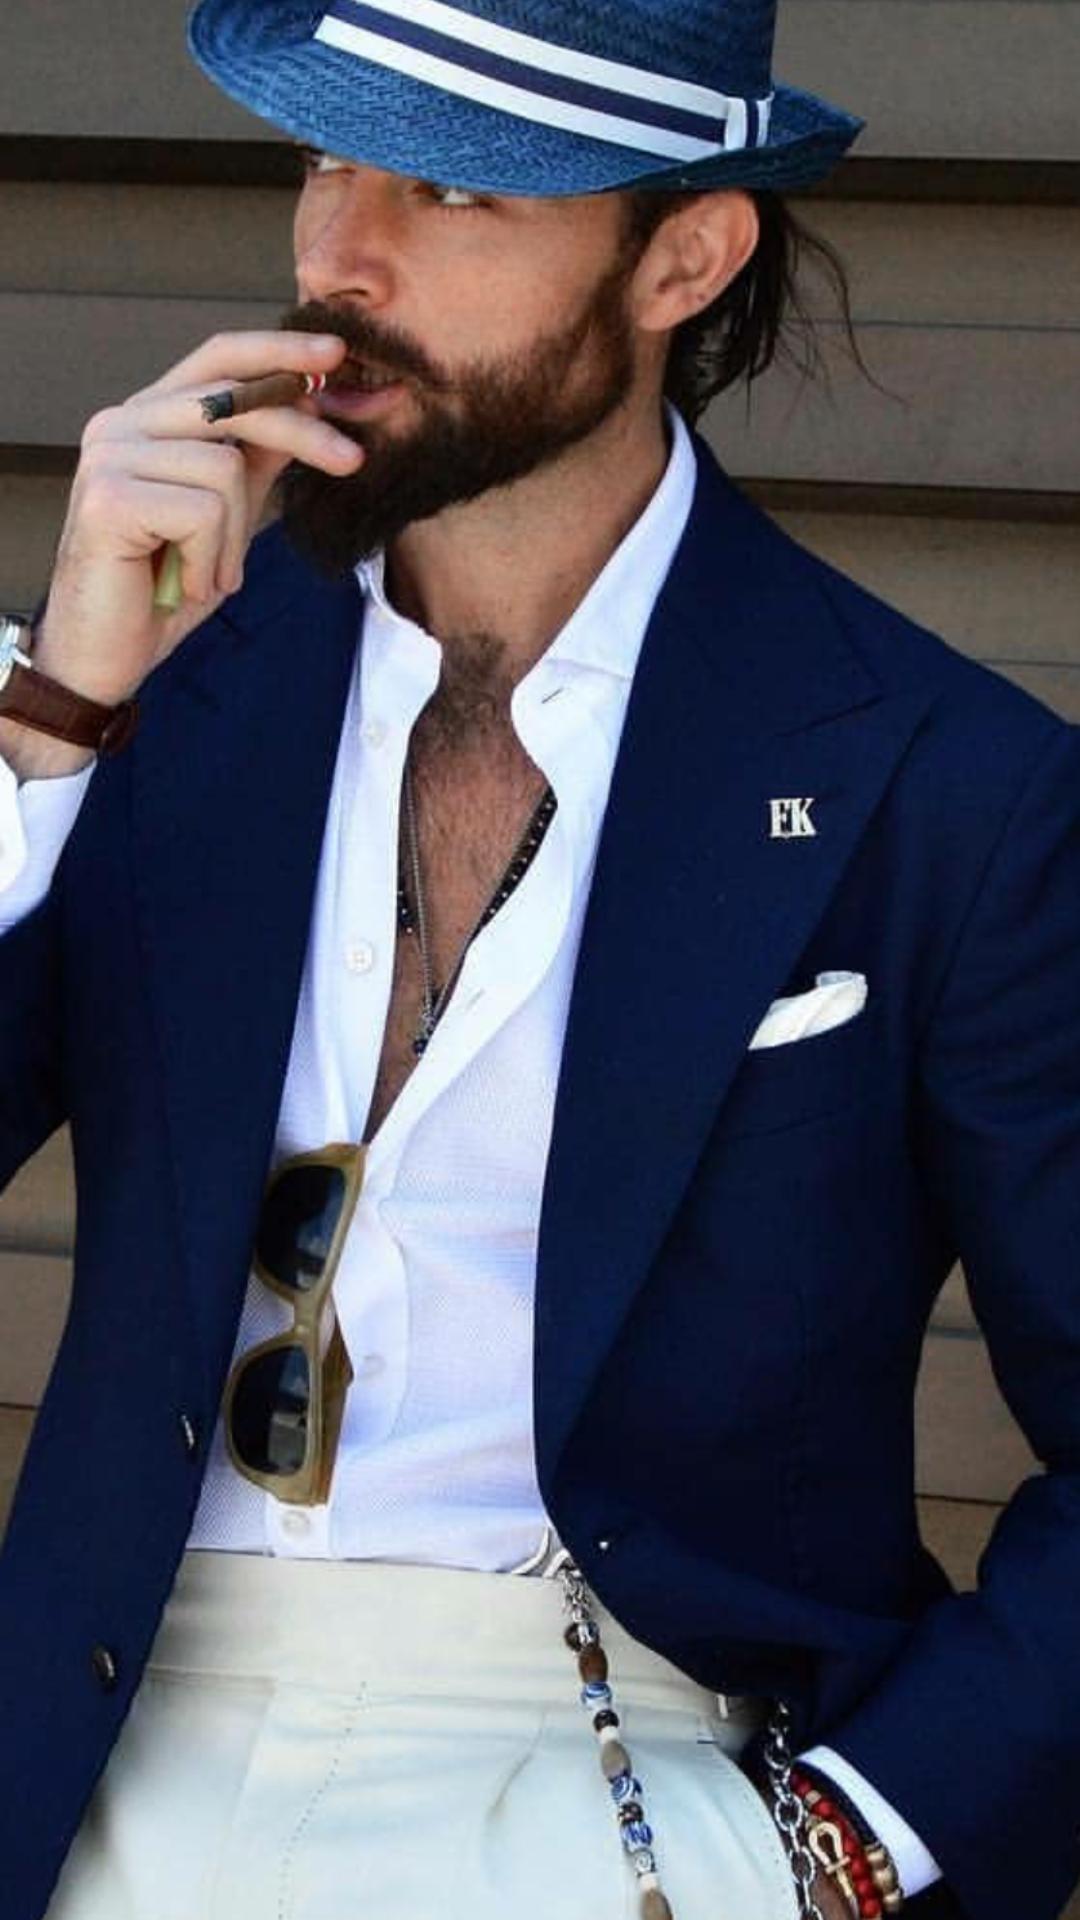 aa5107fff Estilos De Ropa Para Hombre, Ideas De Moda, Hot Guys, Ropa Informal  Masculina